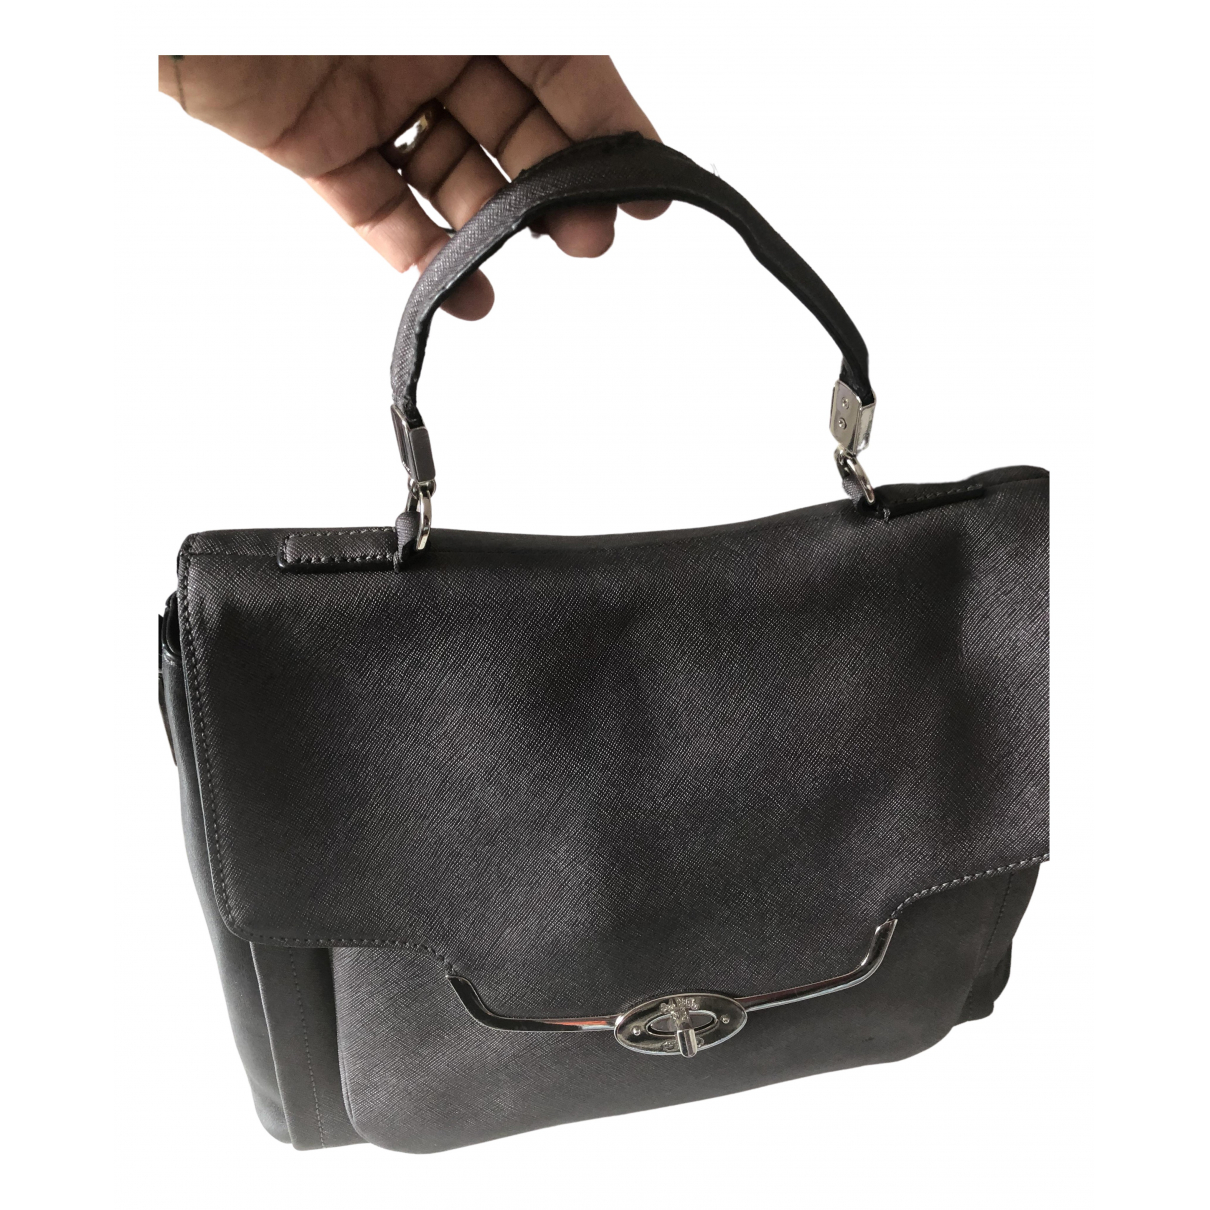 Coach - Sac a main   pour femme en cuir - gris